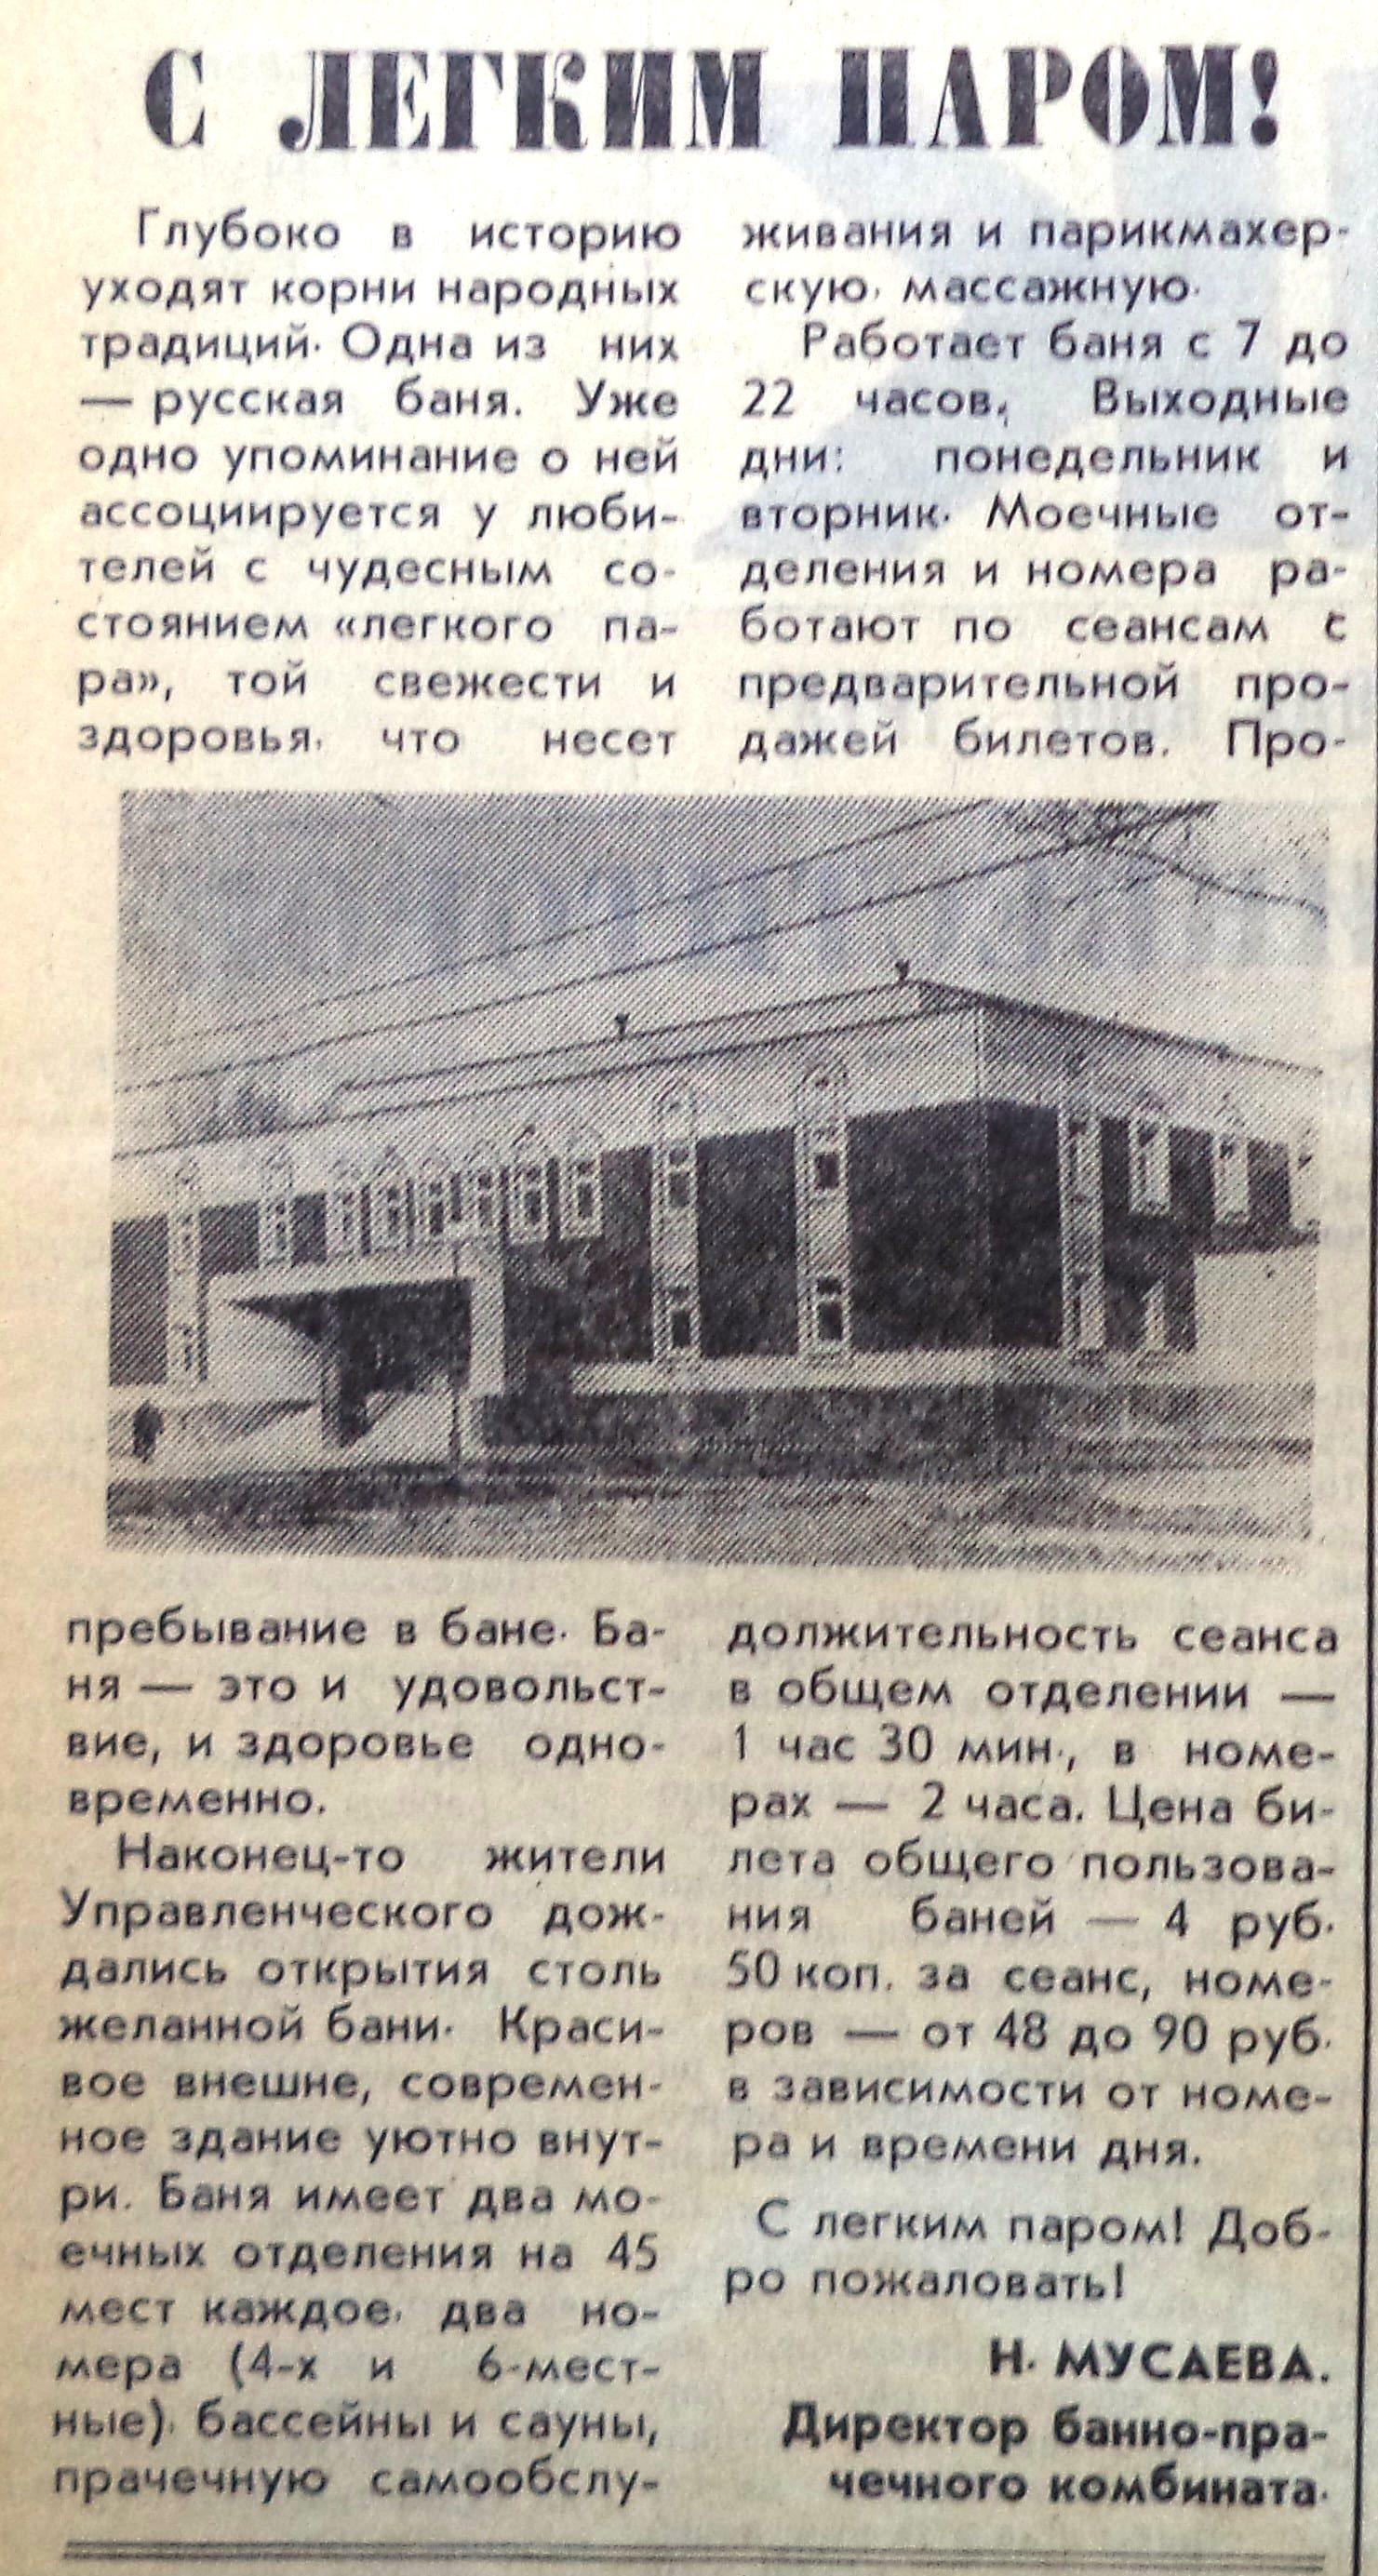 Симферопольская-ФОТО-20-Маяк-1992-01-20-об открытии новой бани-min